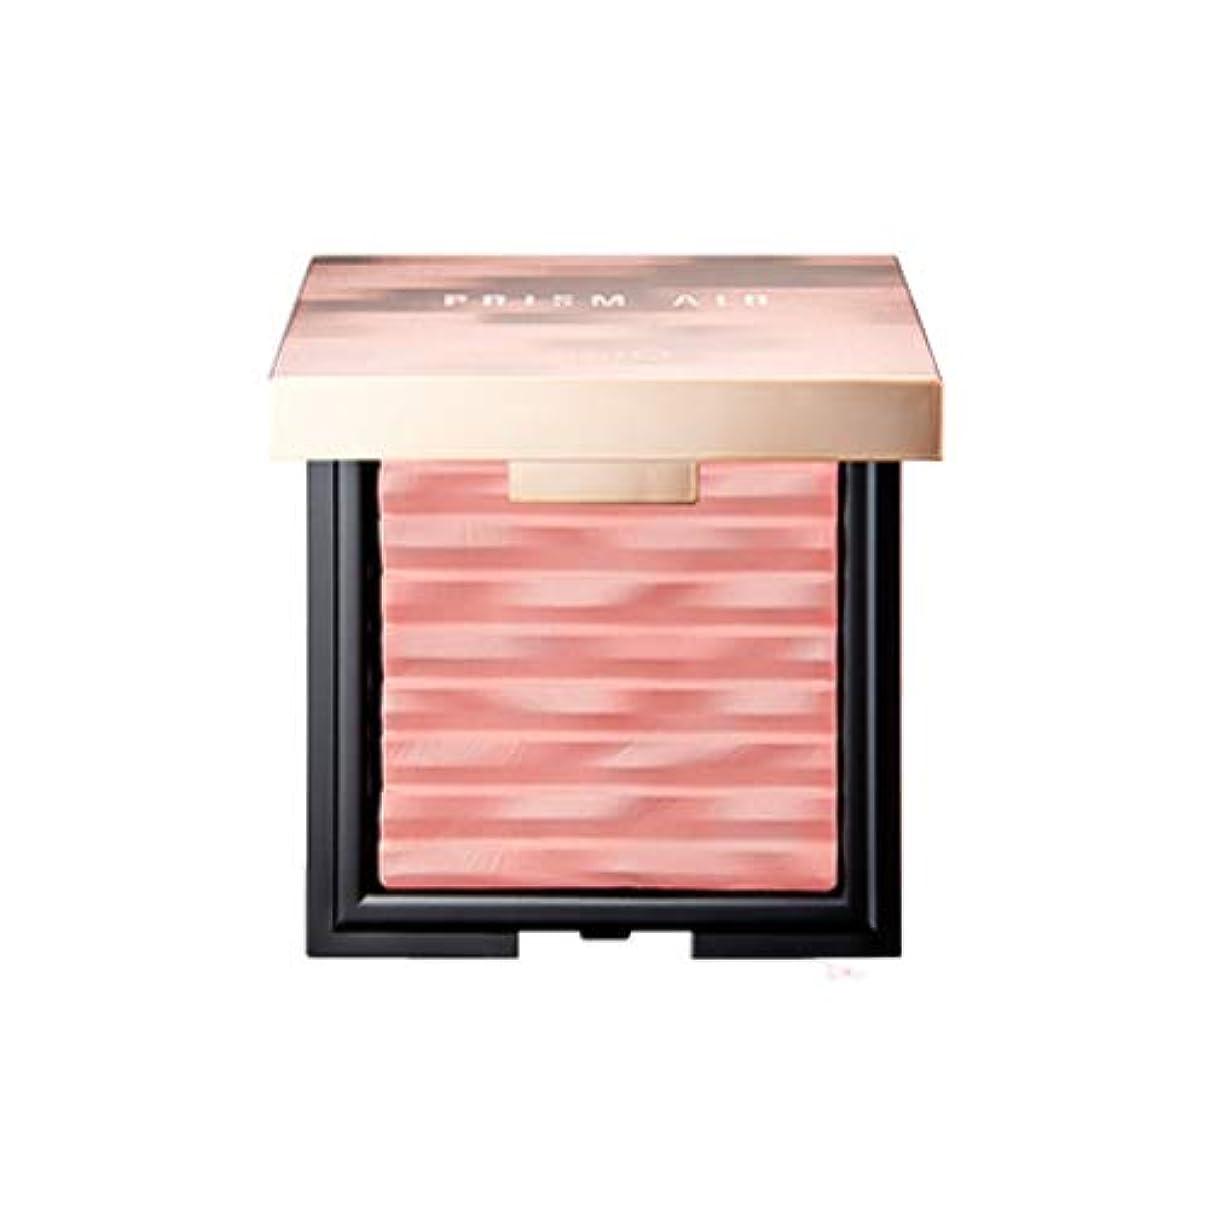 オートメーションインデックスバスタブClio Prism Air Blusher クリオプリズムエアブラッシャー (#01 Muted Pink) 並行輸入品 [並行輸入品]